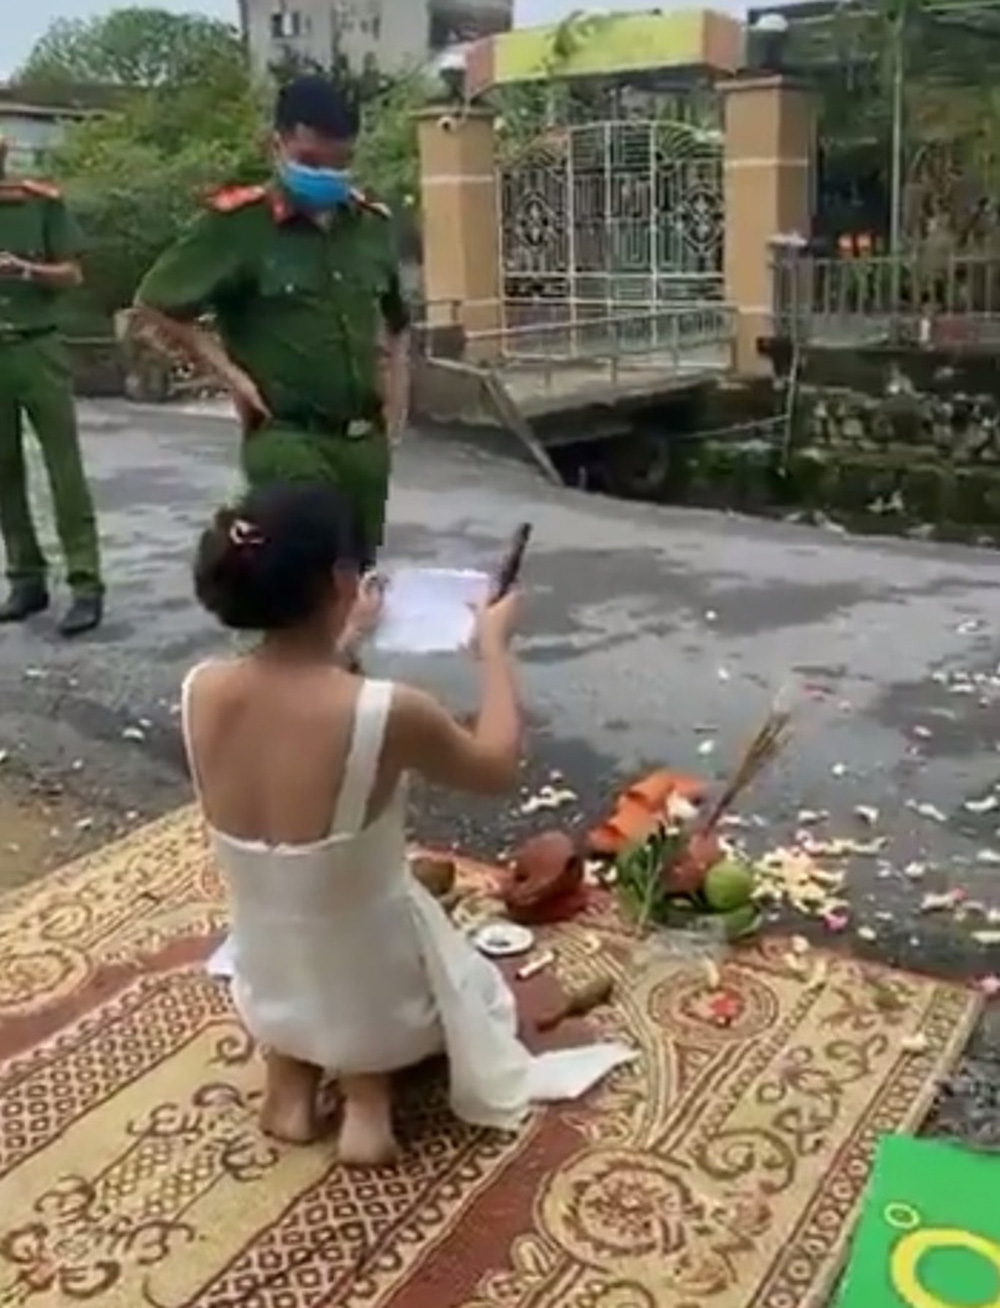 Xôn xao clip người phụ nữ mang vàng hương tới trước nhà con nợ thắp hương cúng bái - Ảnh 1.